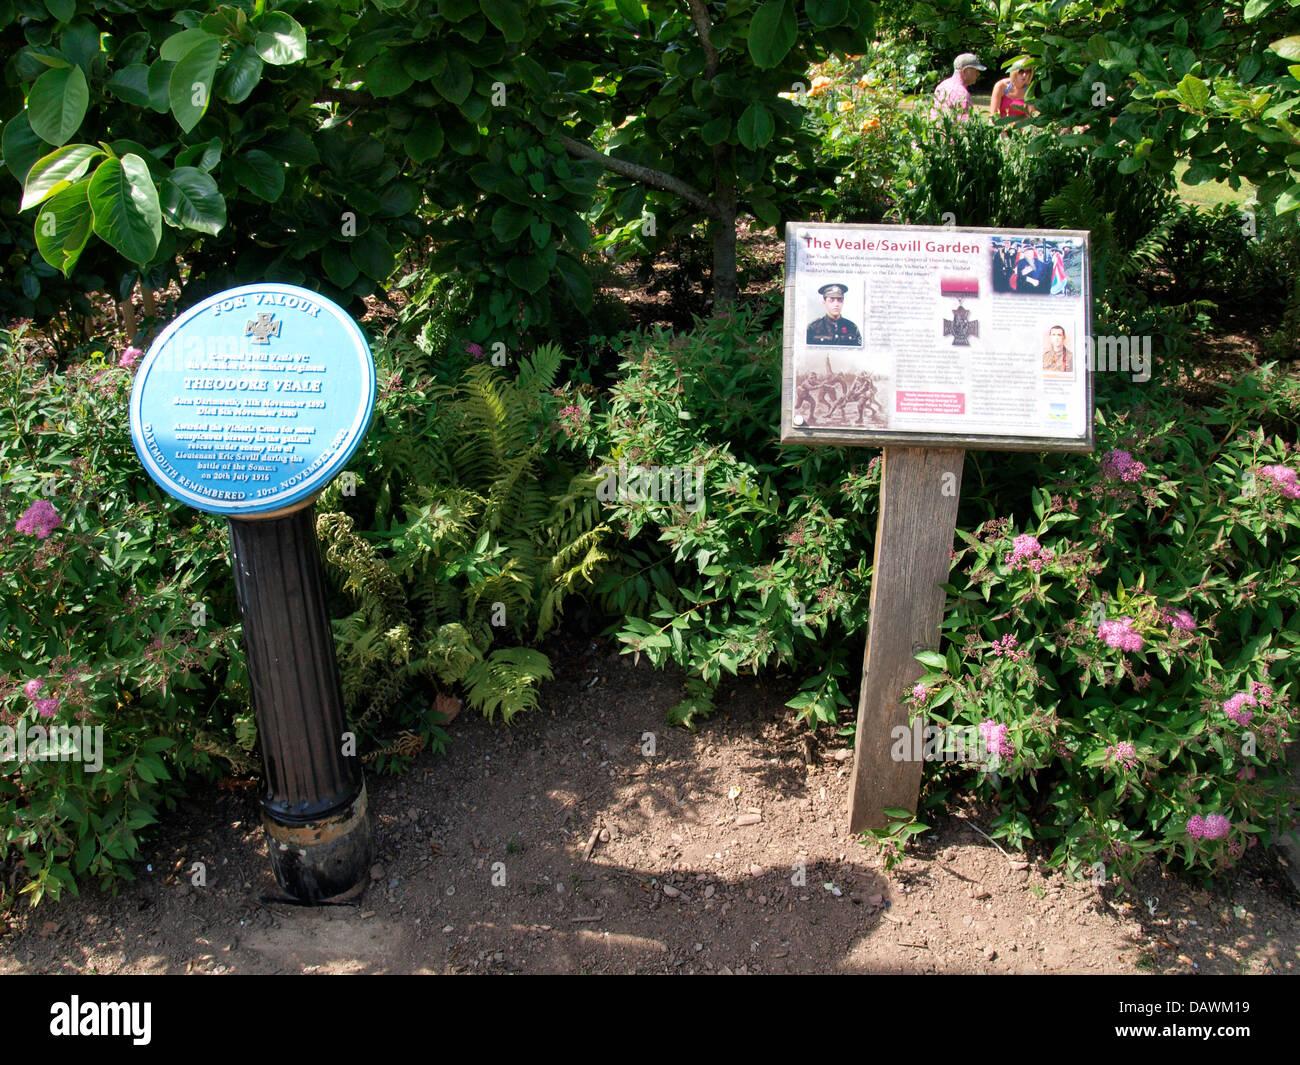 The Veale / Savill Garden, Information Sign, Dartmouth, Devon, UK 2013